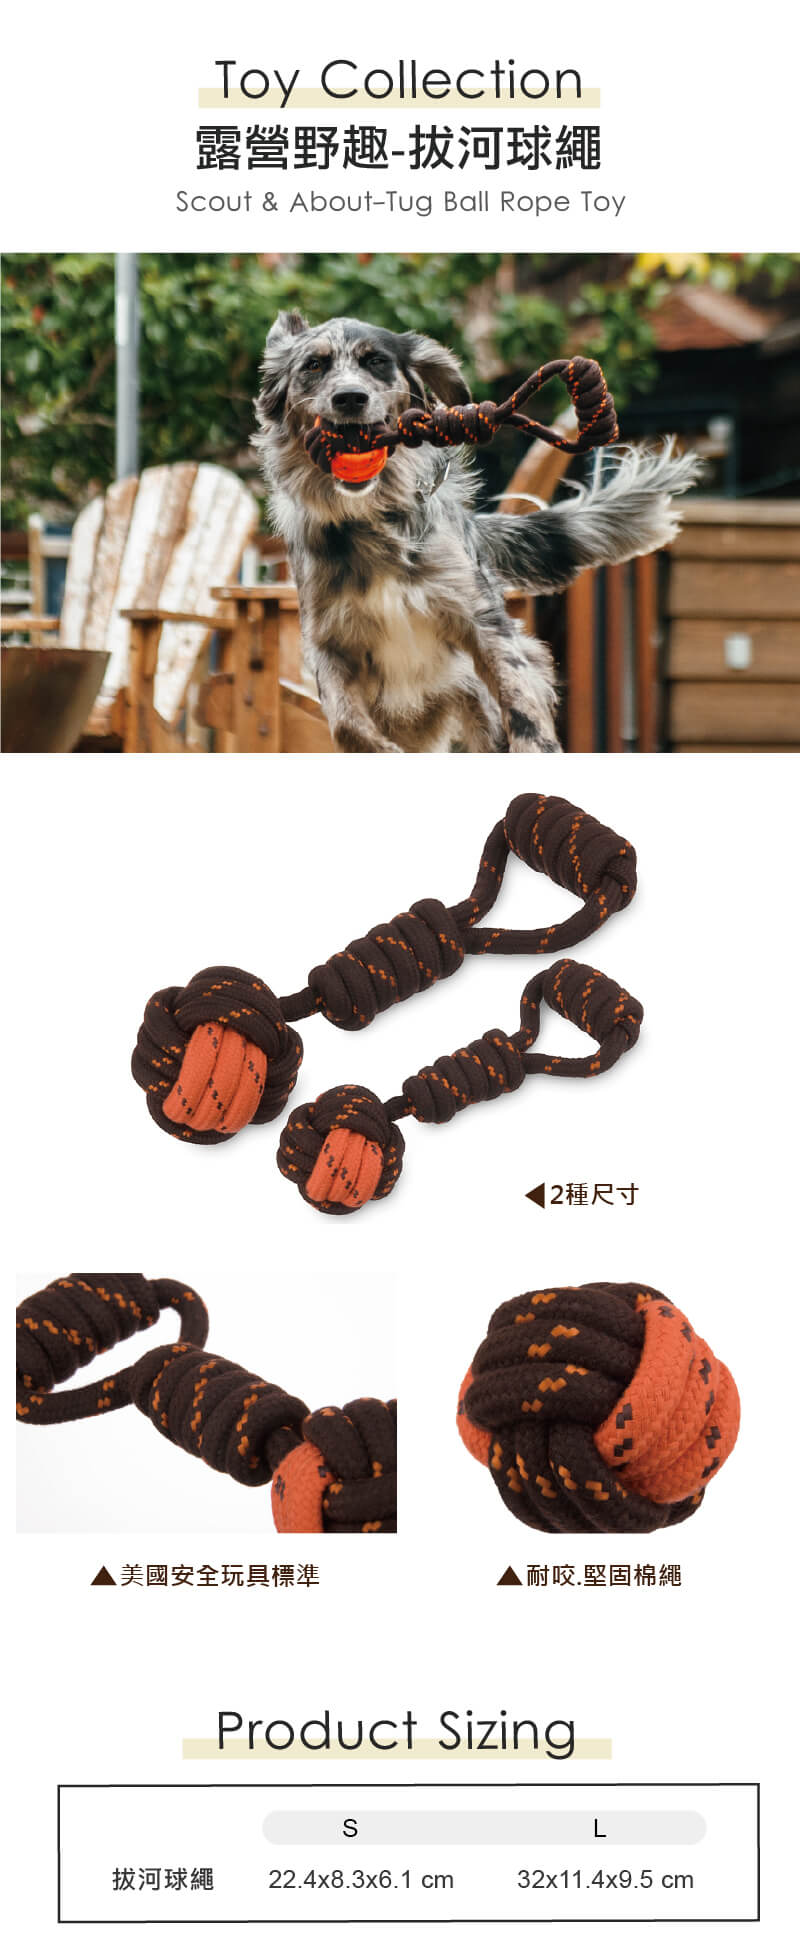 美國 P.L.A.Y. 露營系列 拔河球繩玩具